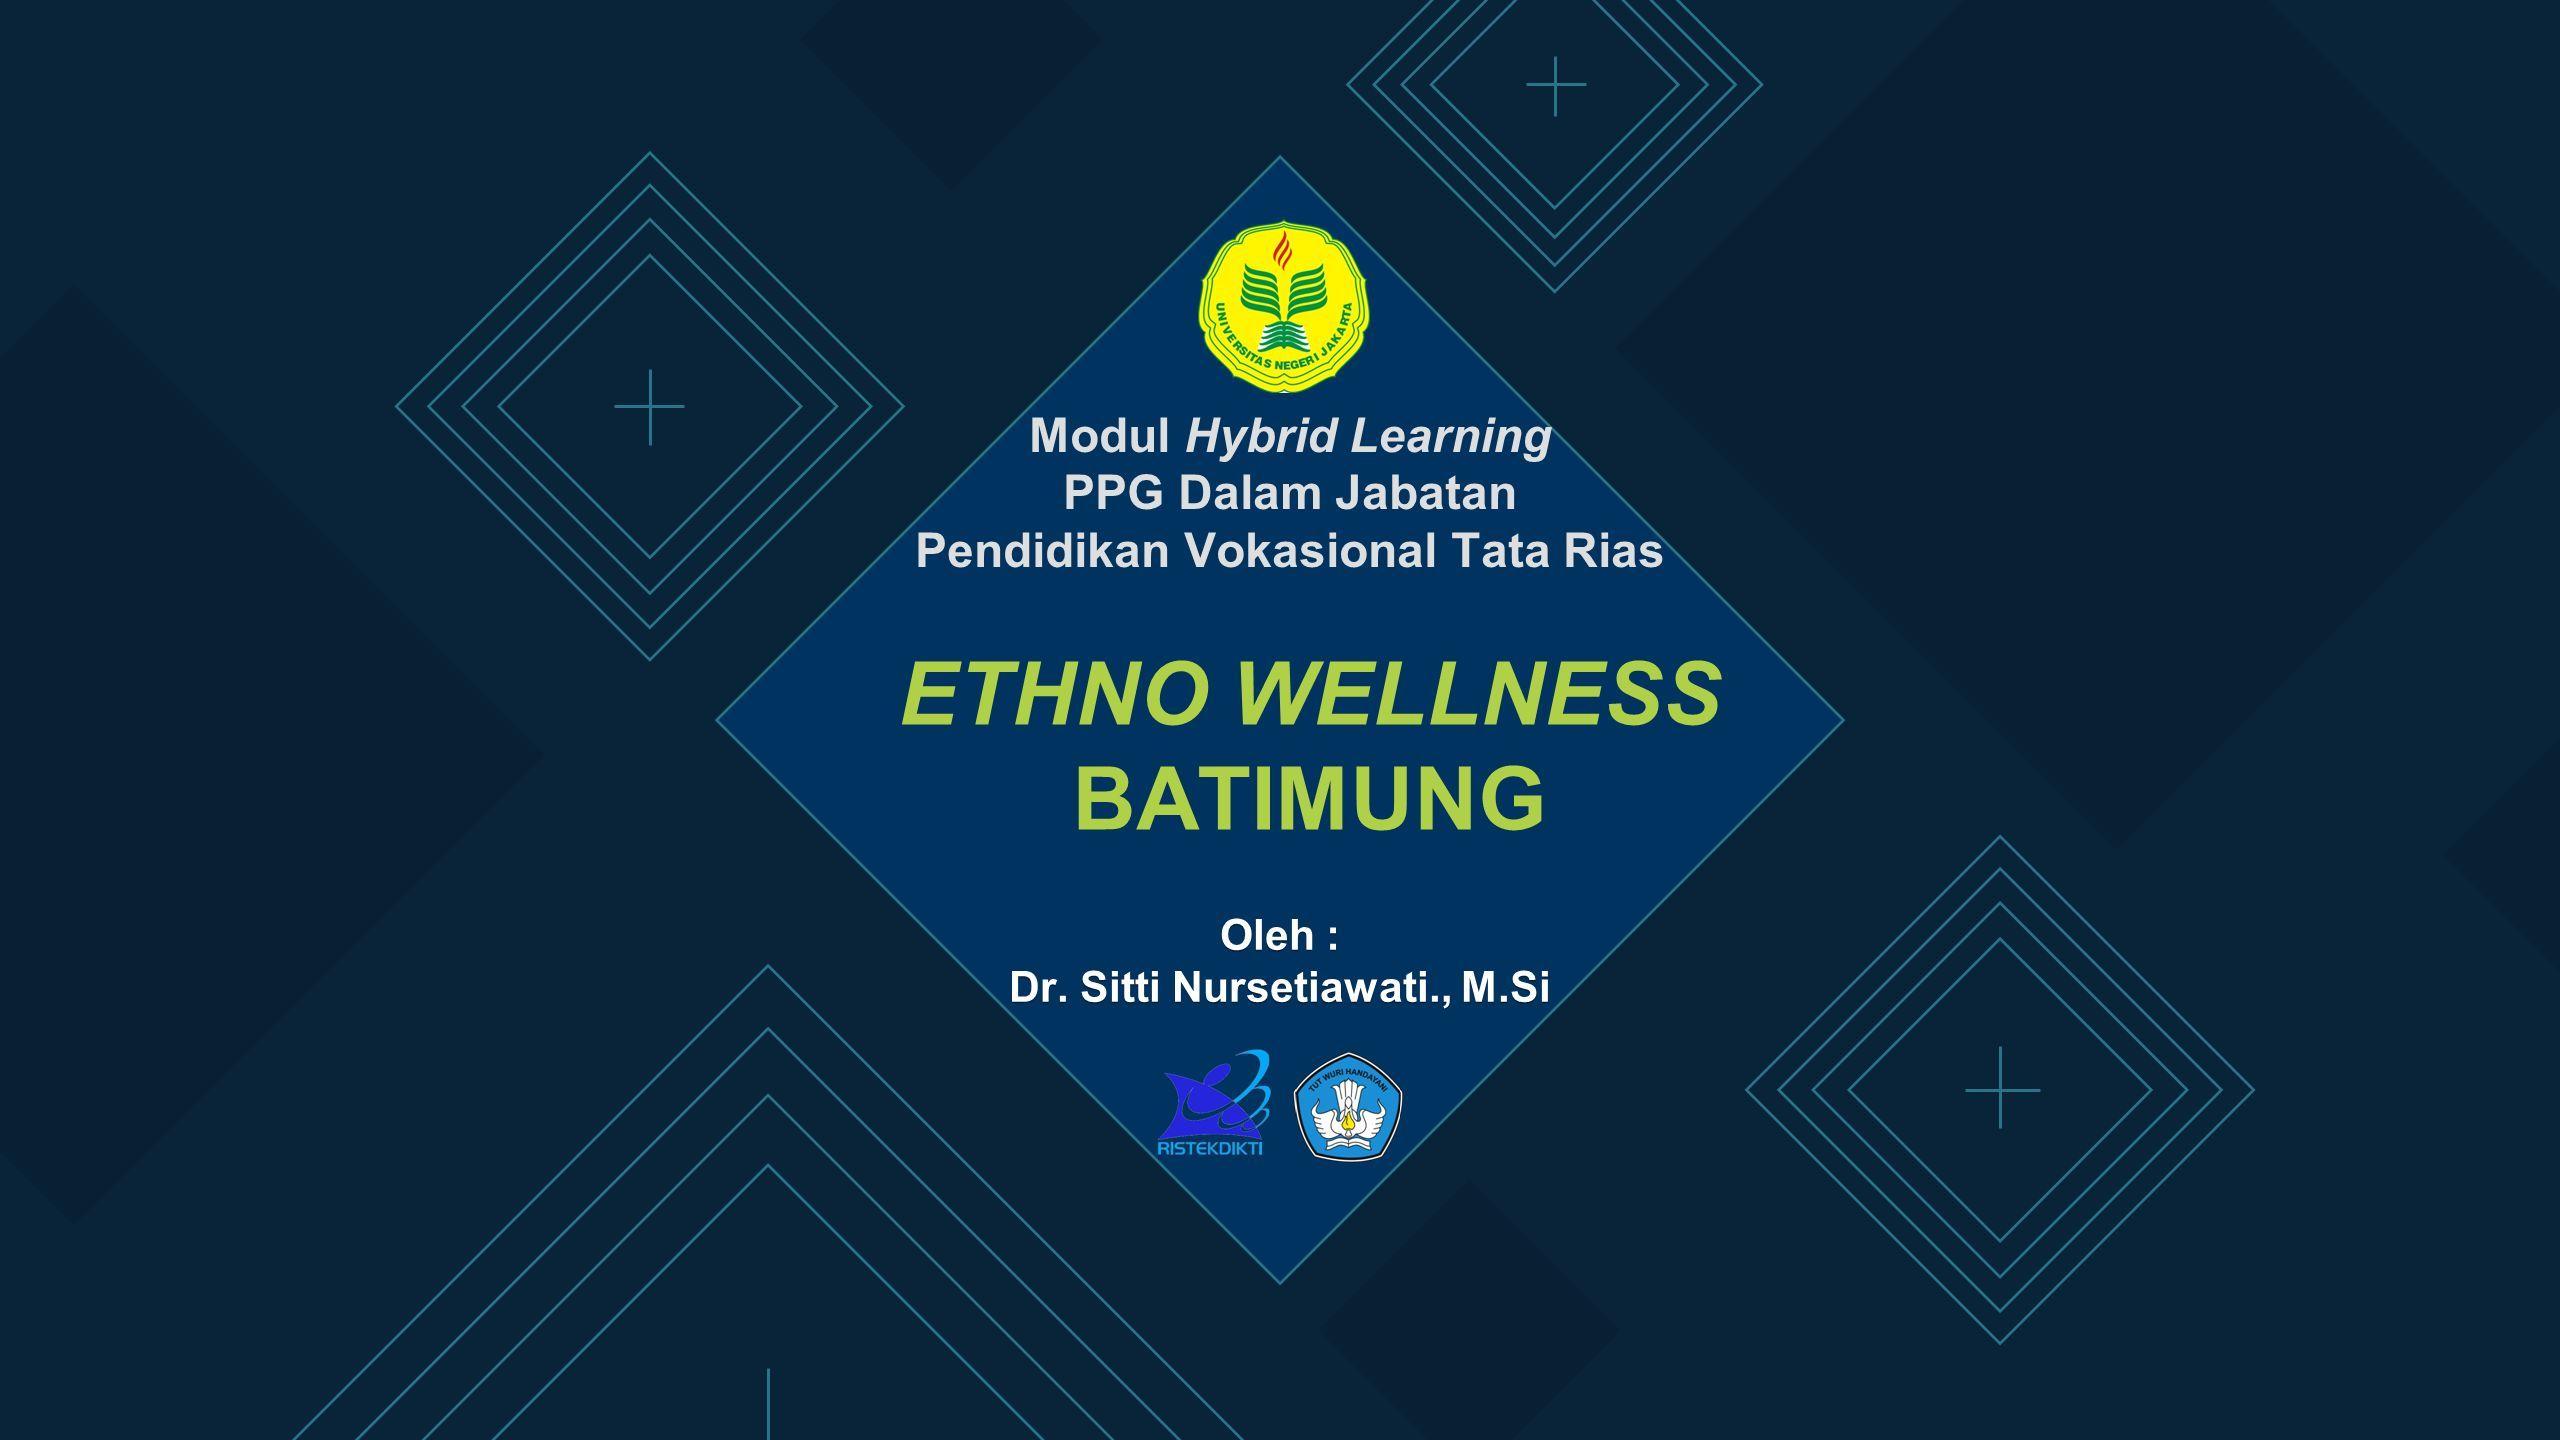 ETHNO WELLNESS BATIMUNG Oleh   Dr. Sitti Nursetiawati. 45f6efea42